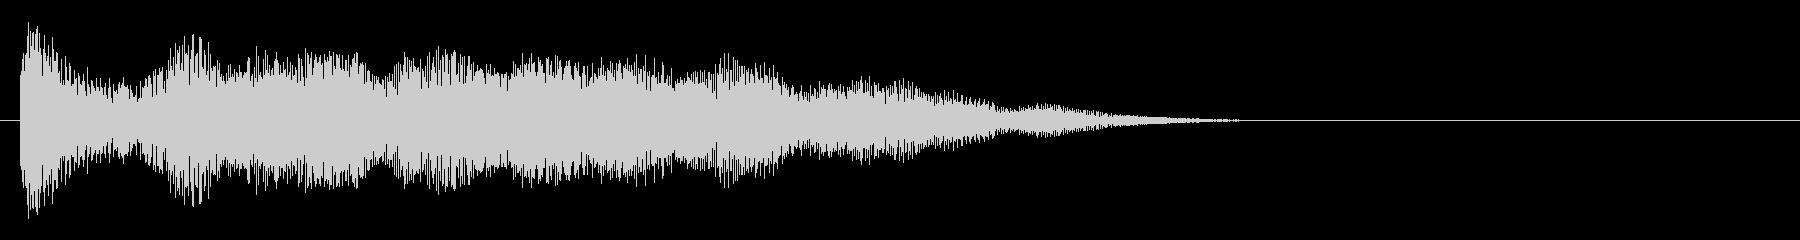 強化されたプラクテッドシンセアクセント5の未再生の波形